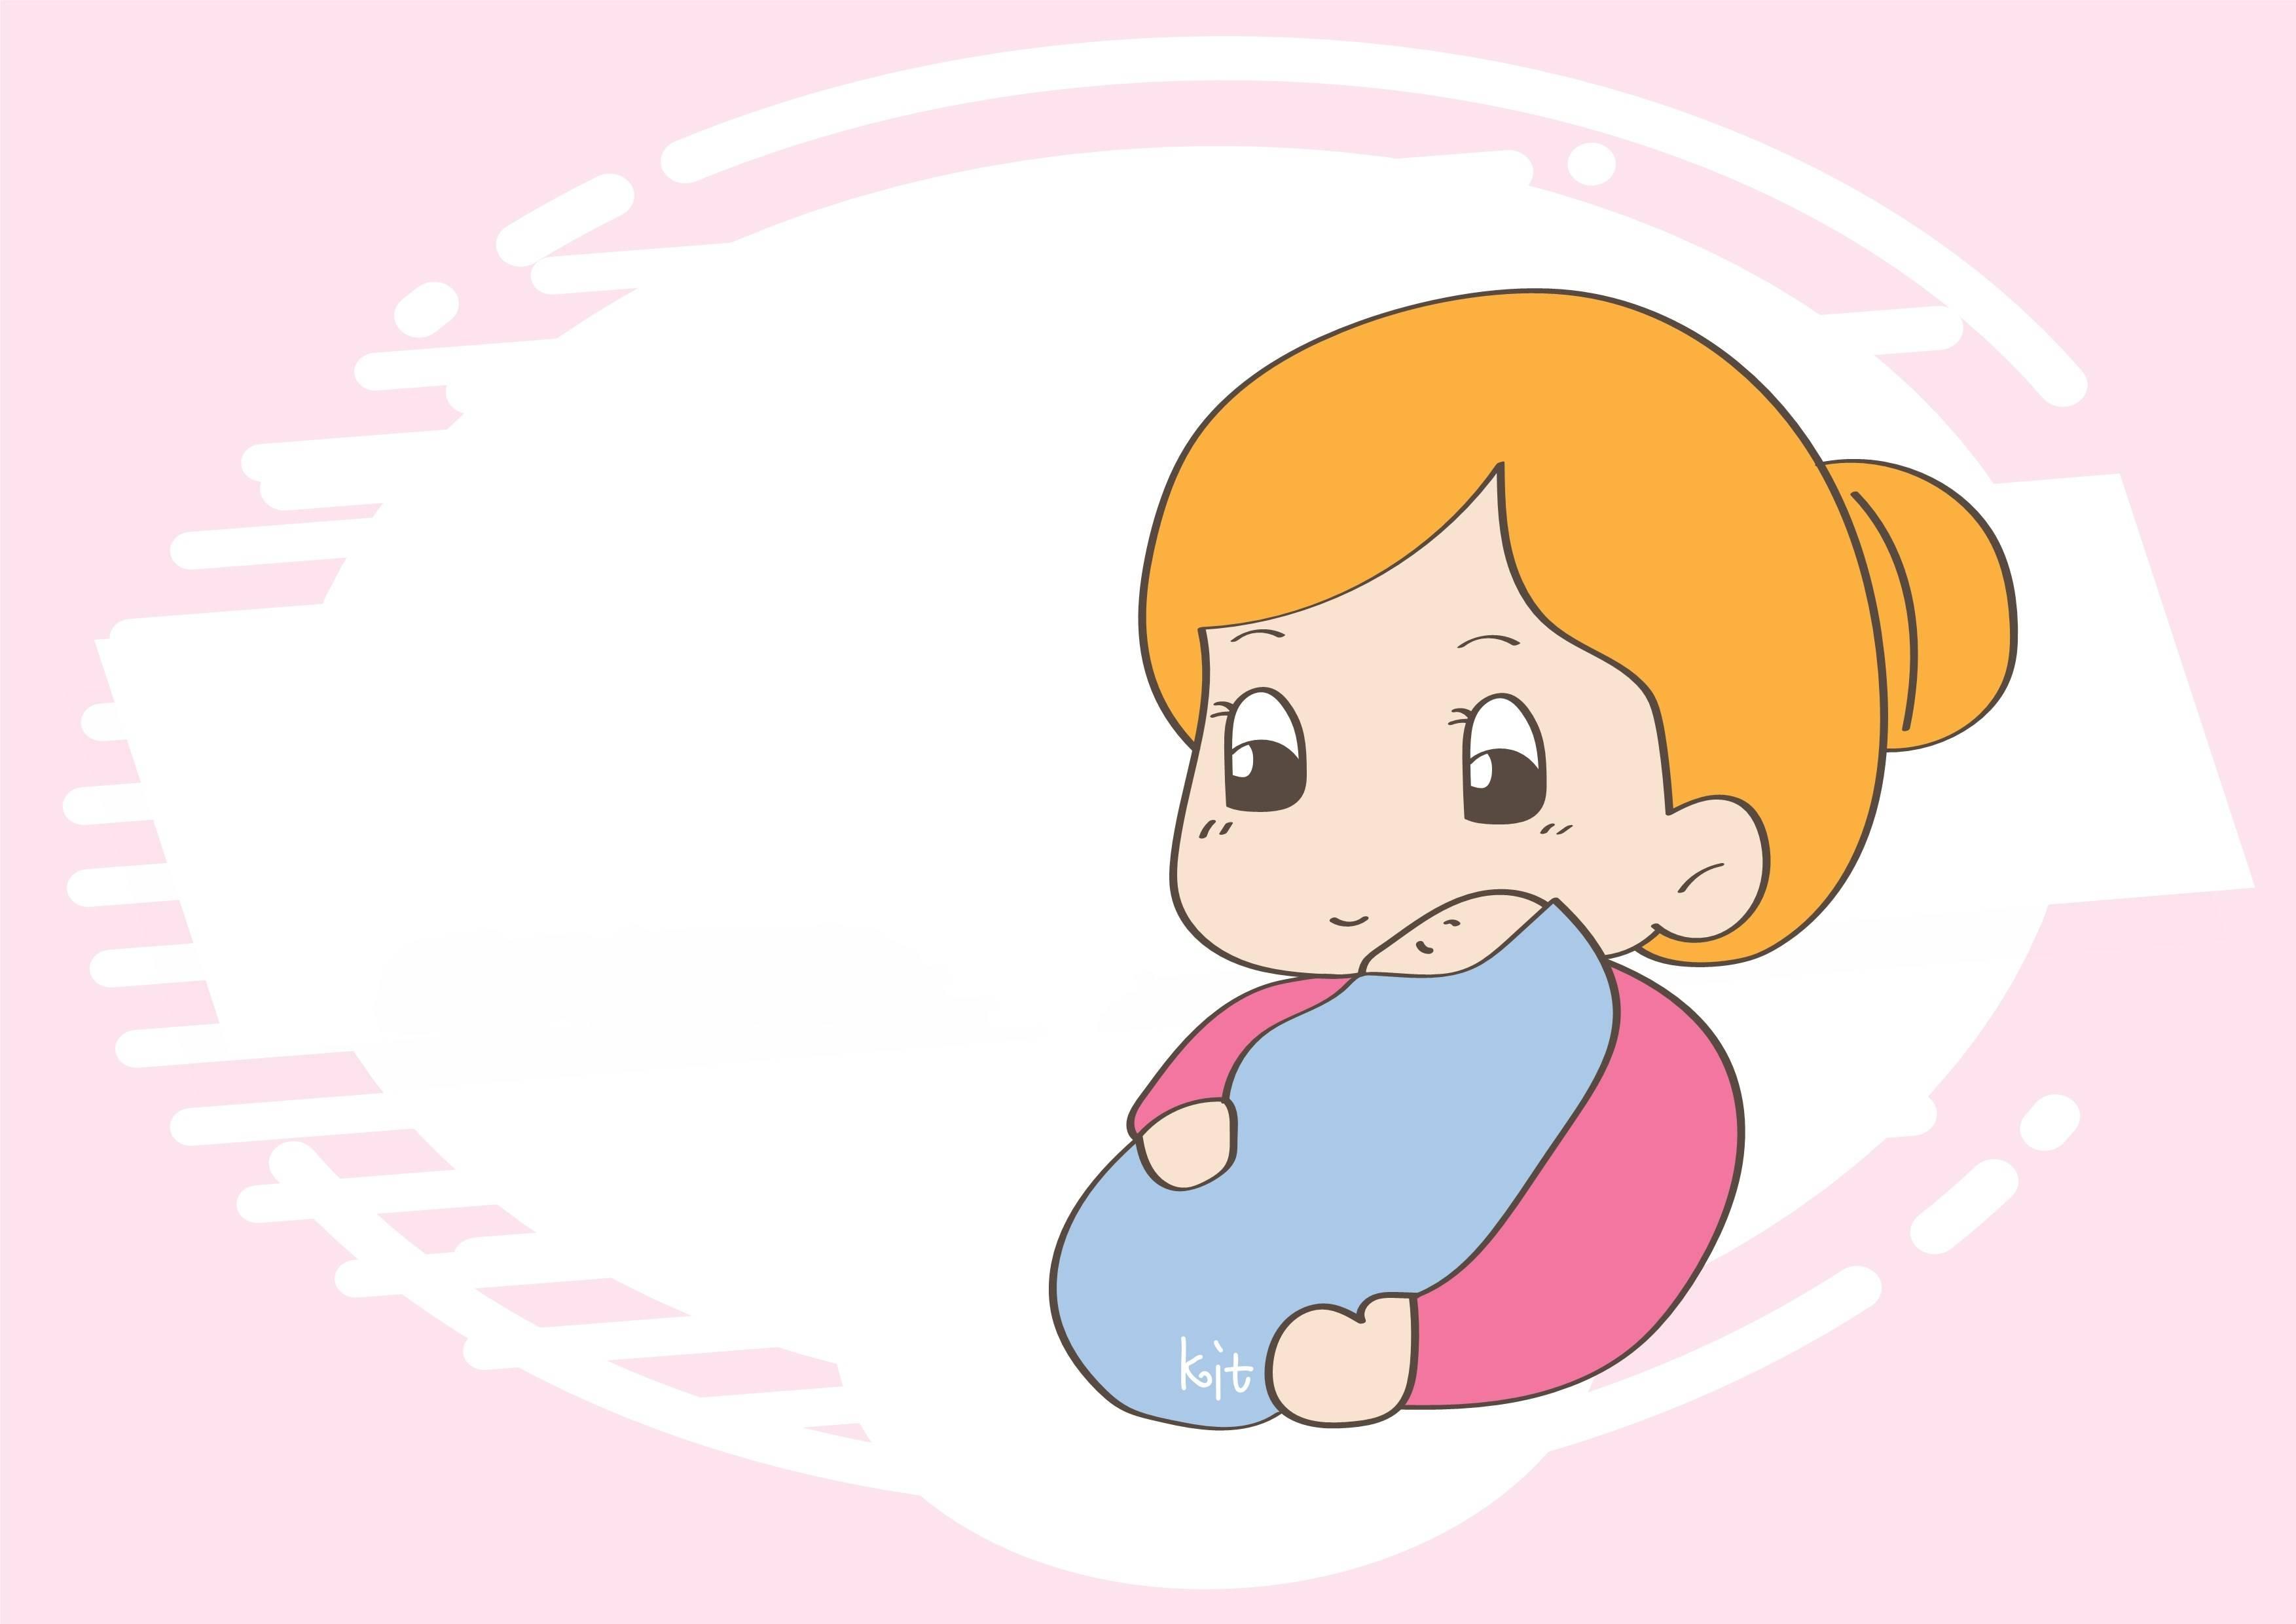 如何让宝宝养成良好的睡眠习惯 这些小妙招 家长们学起来!